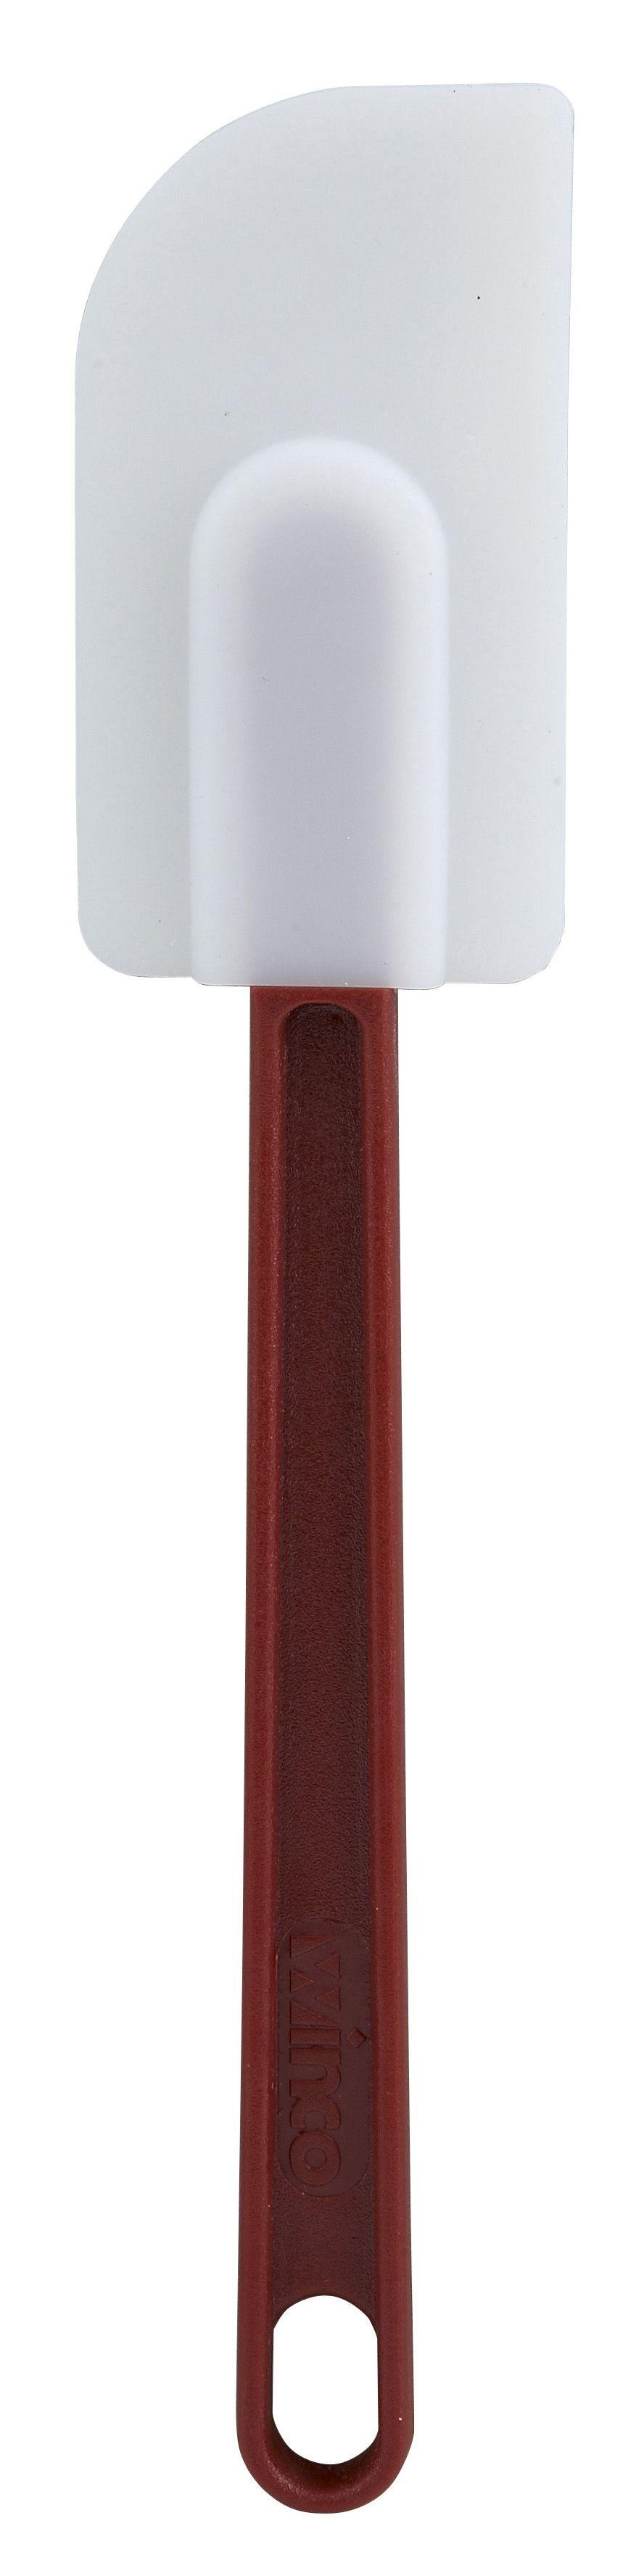 """Winco PSD-10 Silicone Economy Heat-Resistant Scraper 10"""""""